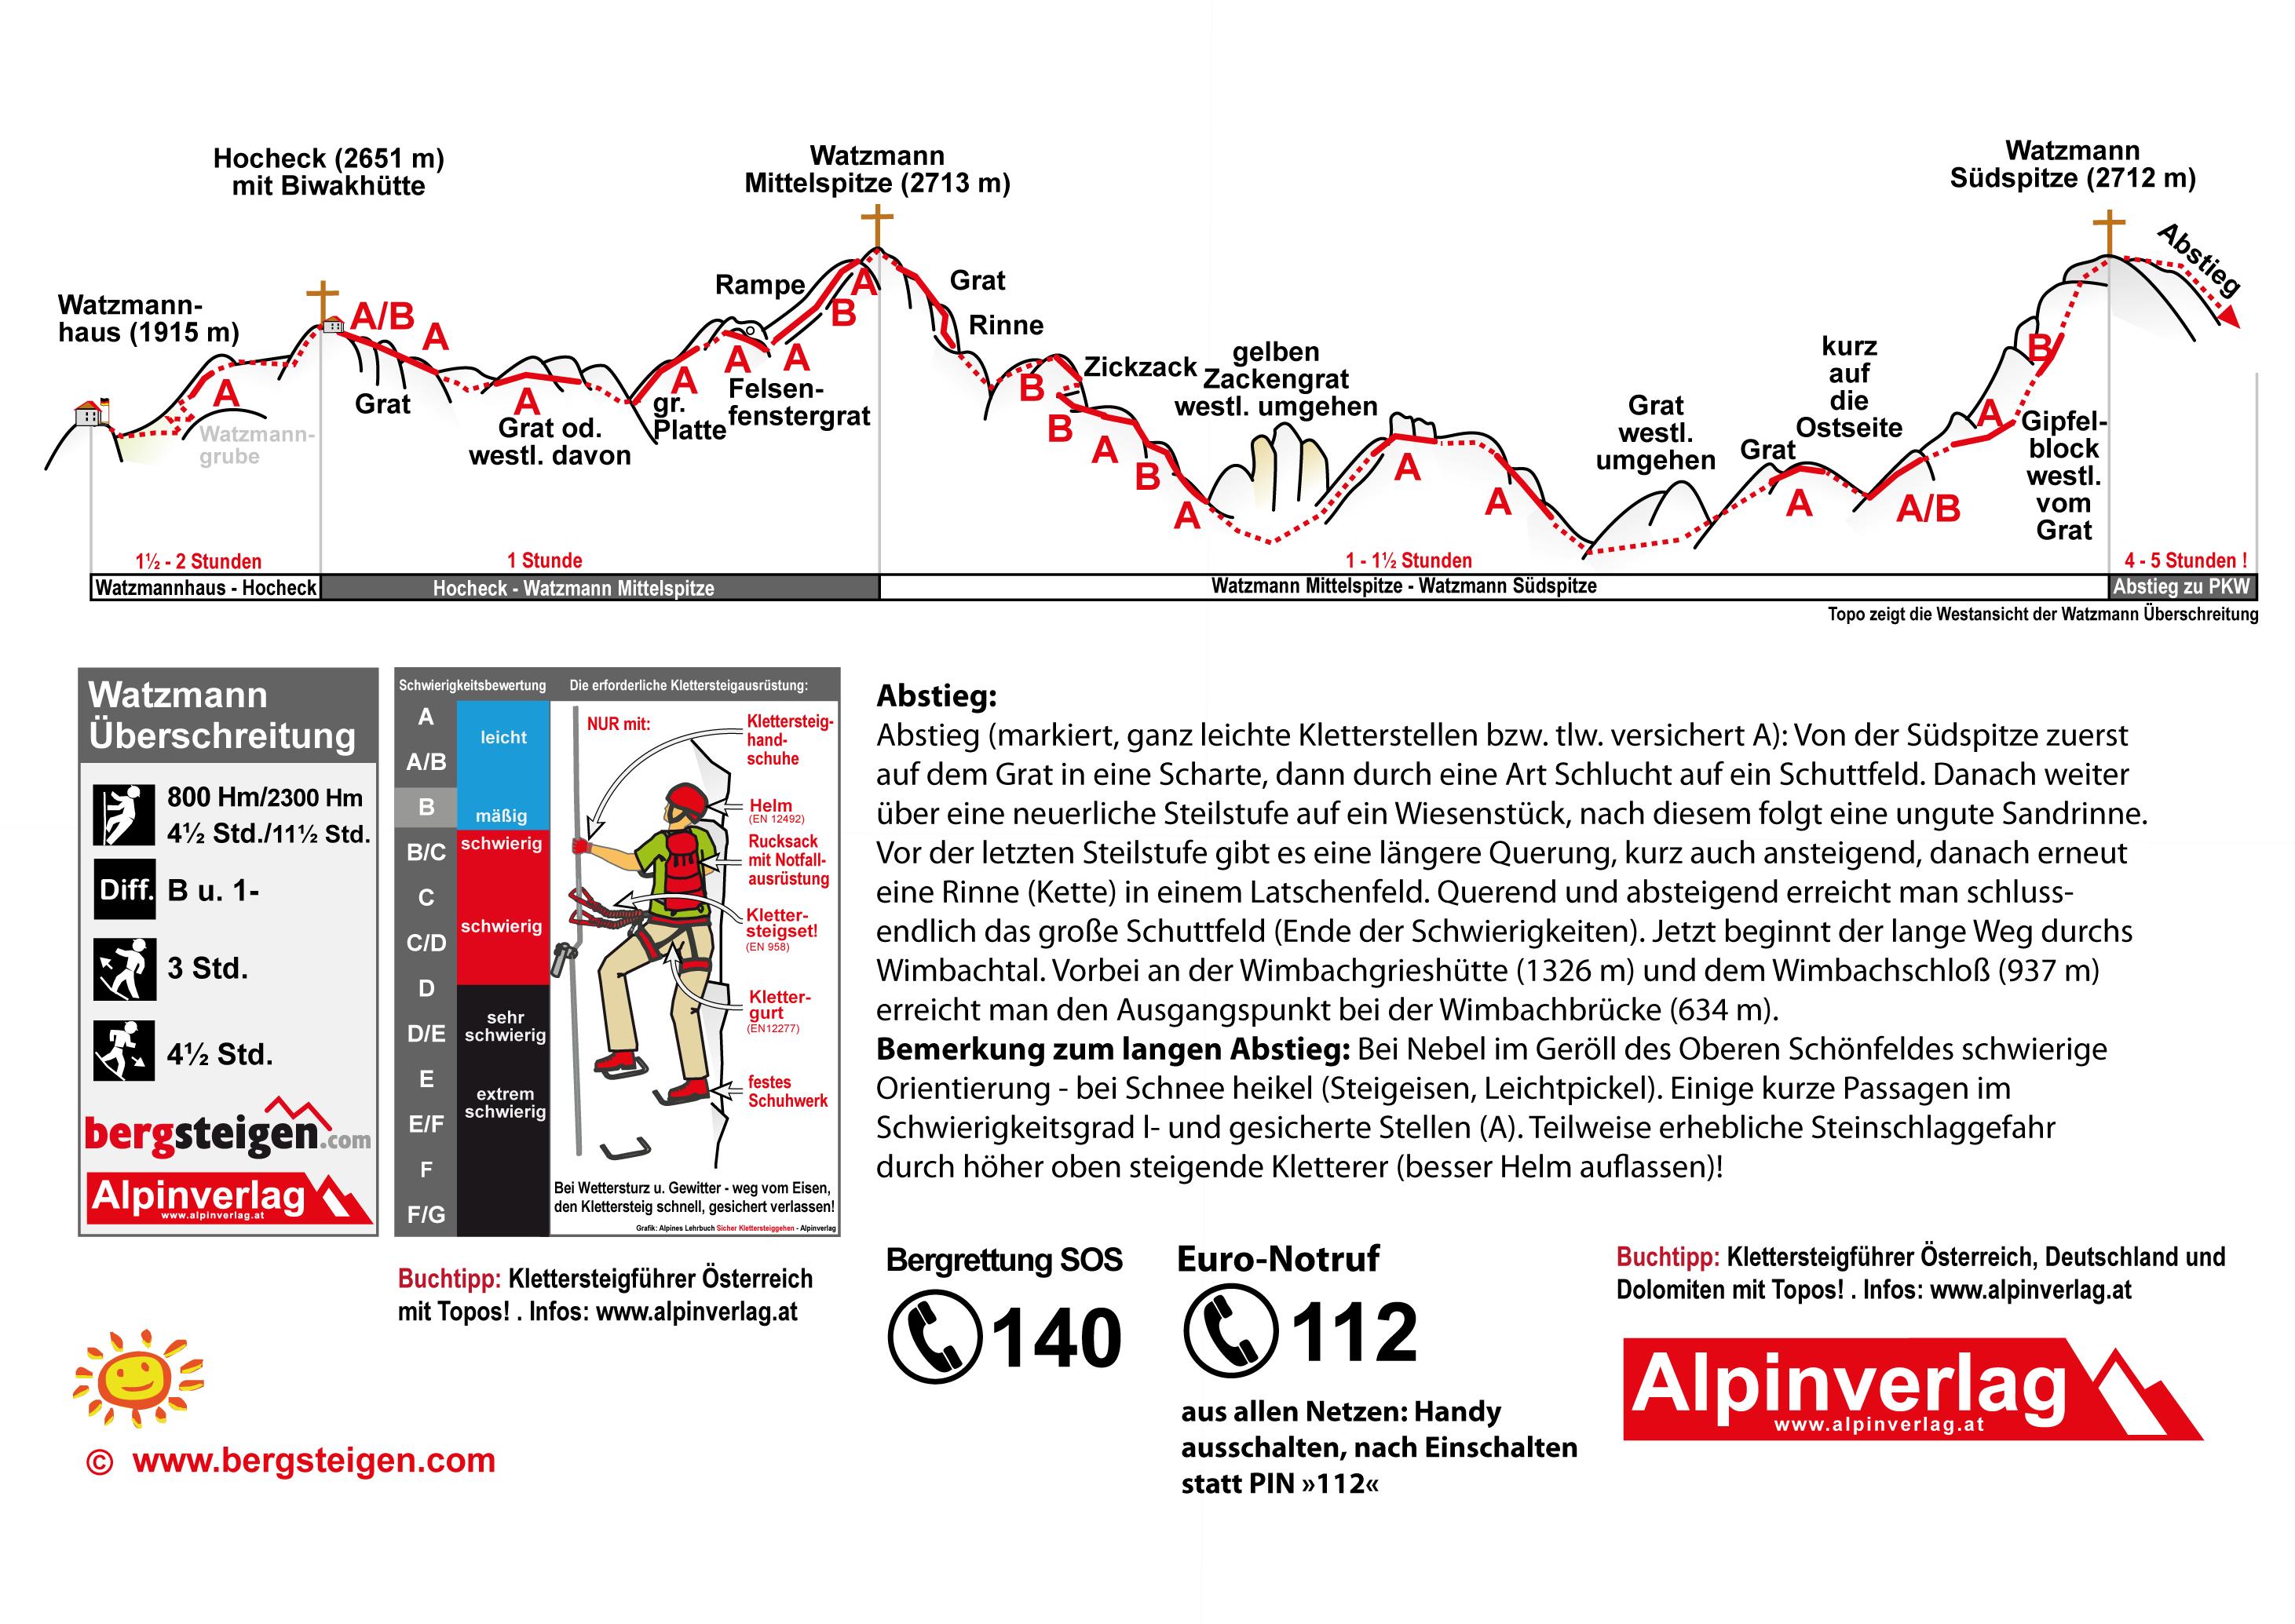 watzmann-ueberschreitung-klettersteig-topo